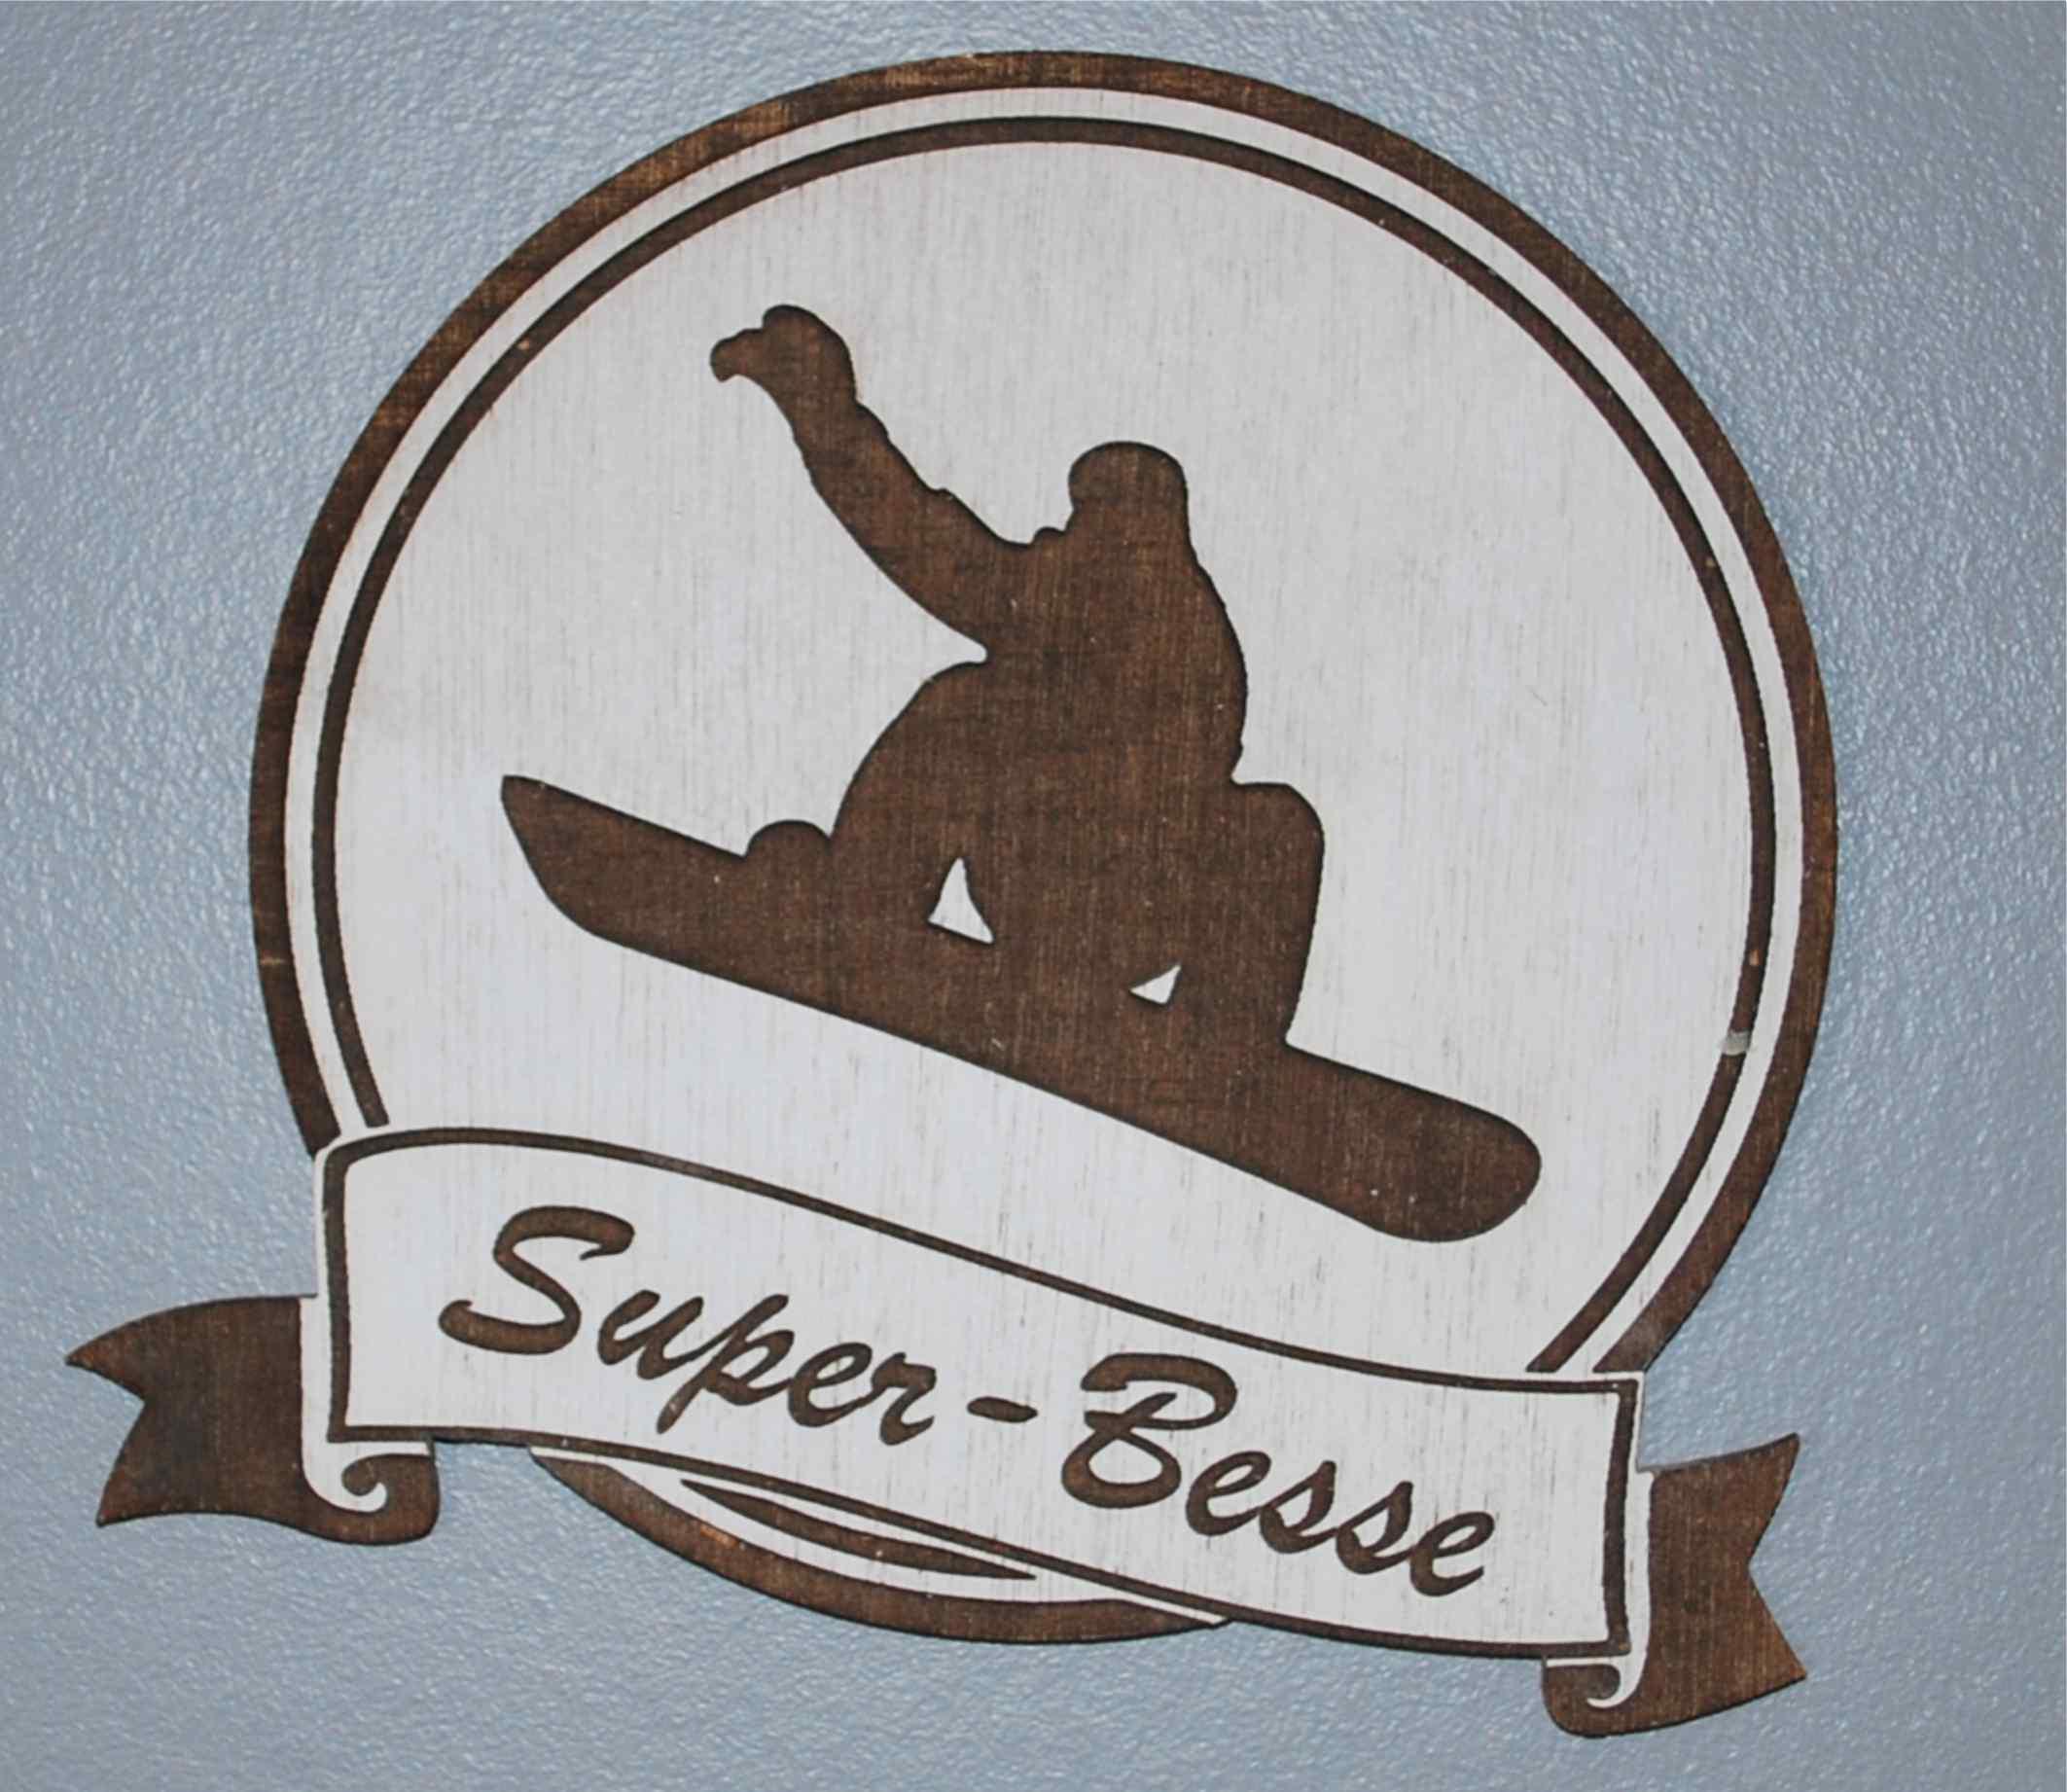 Décoration à suspendre 28 ou 15 cm snowboard